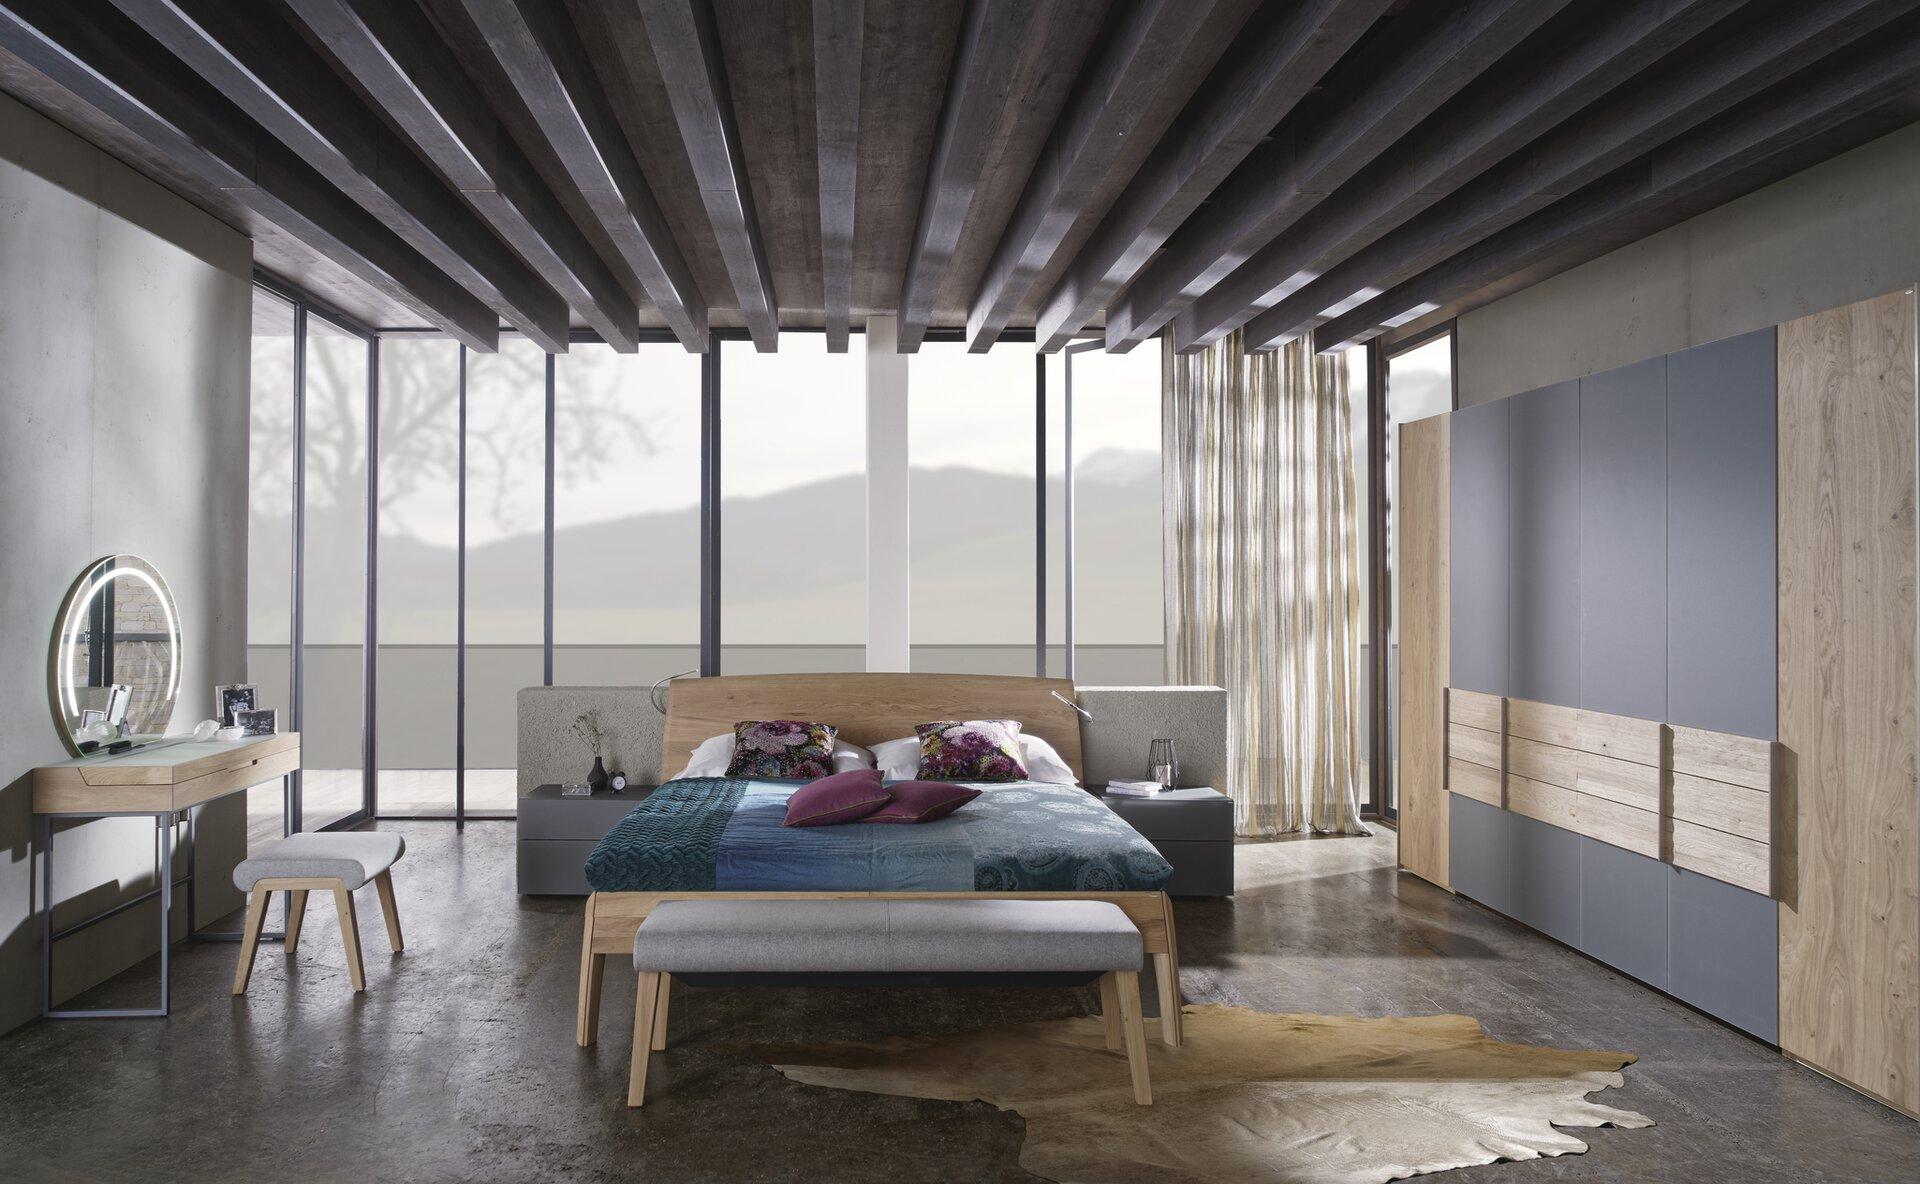 Bett V-Montana Voglauer Holzwerkstoff 213 x 105 x 213 cm